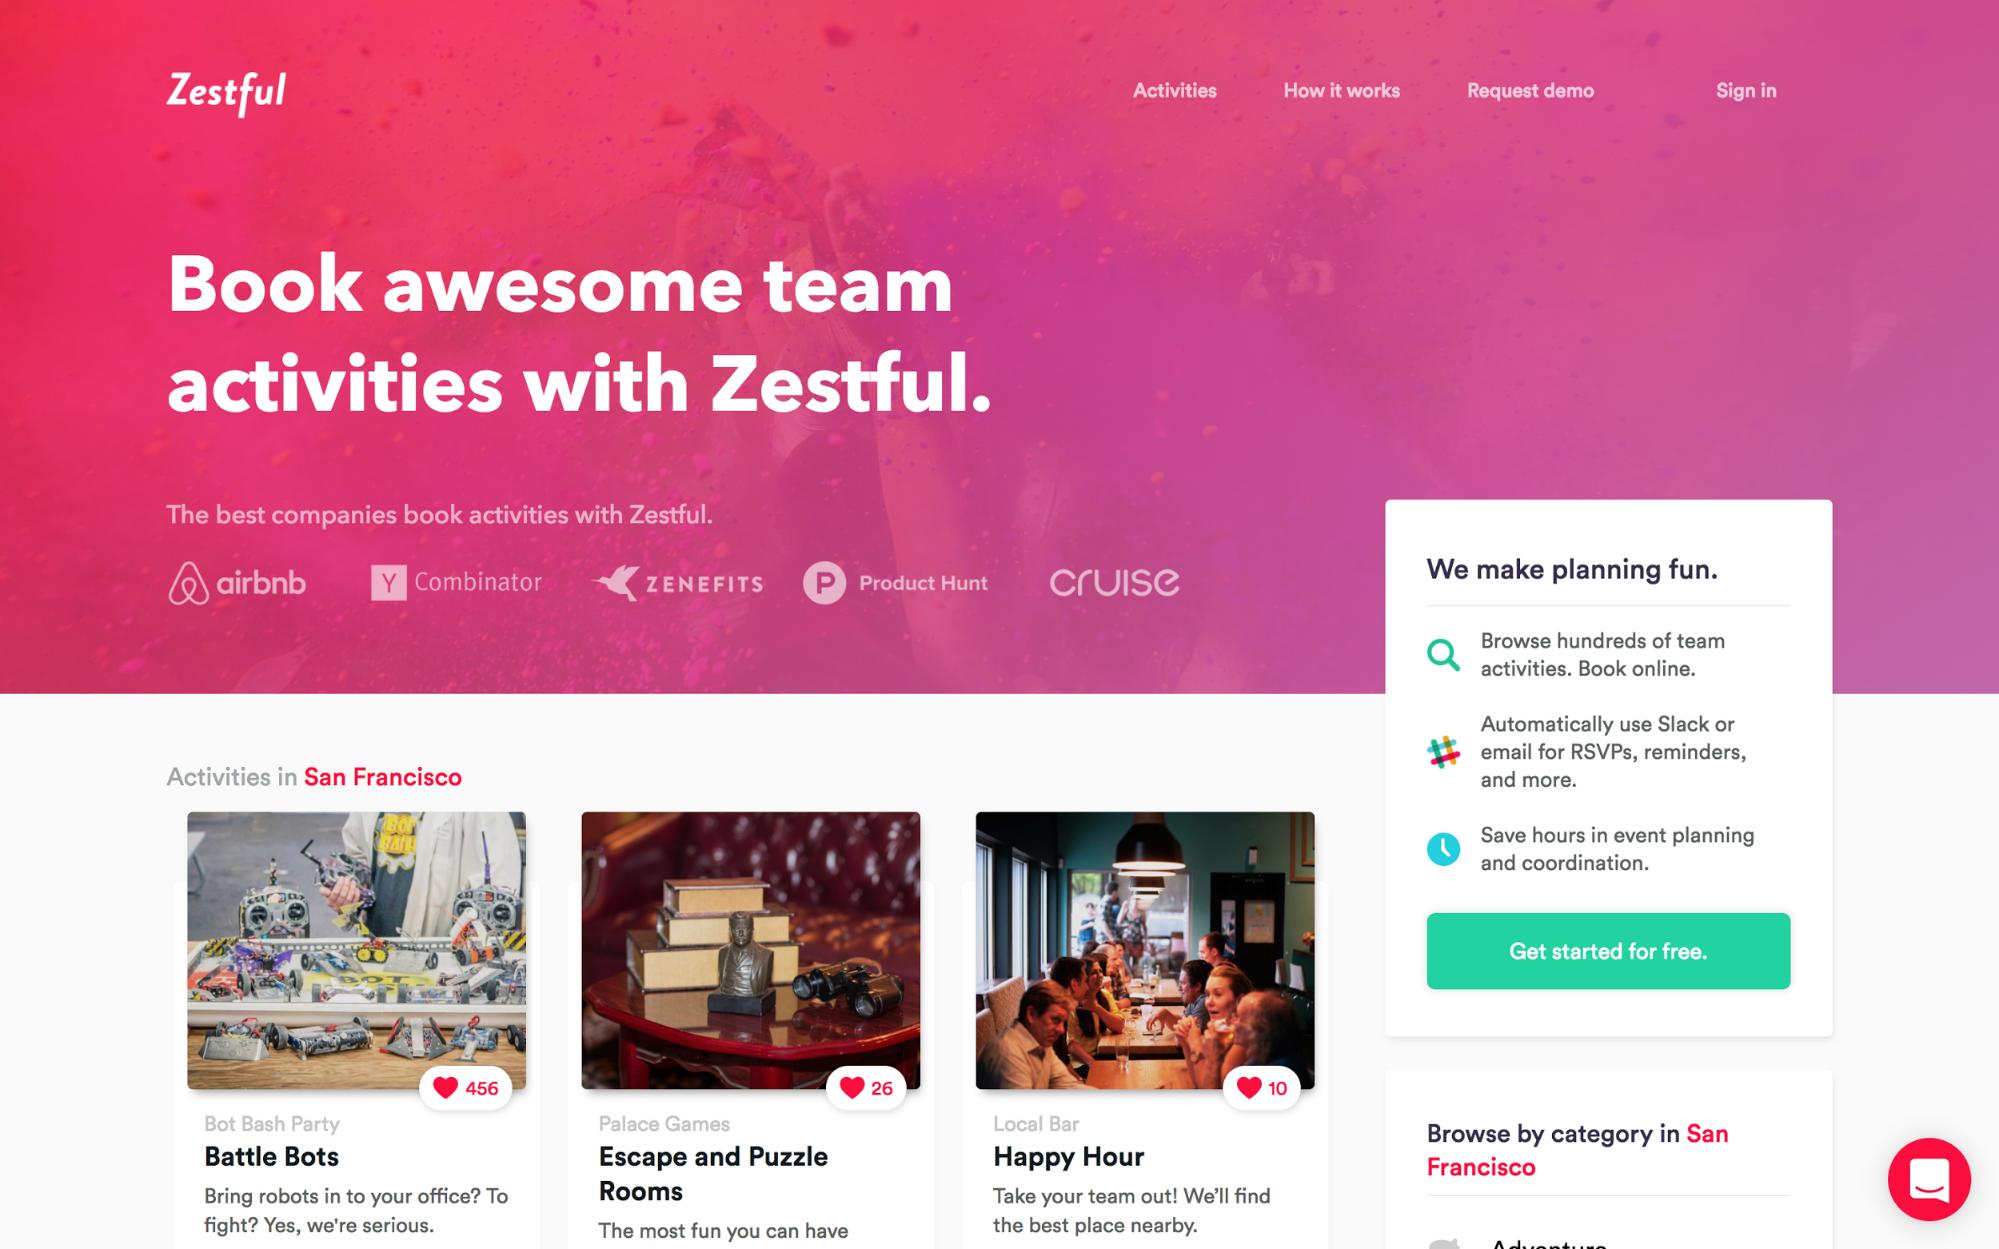 Zestful's homepage